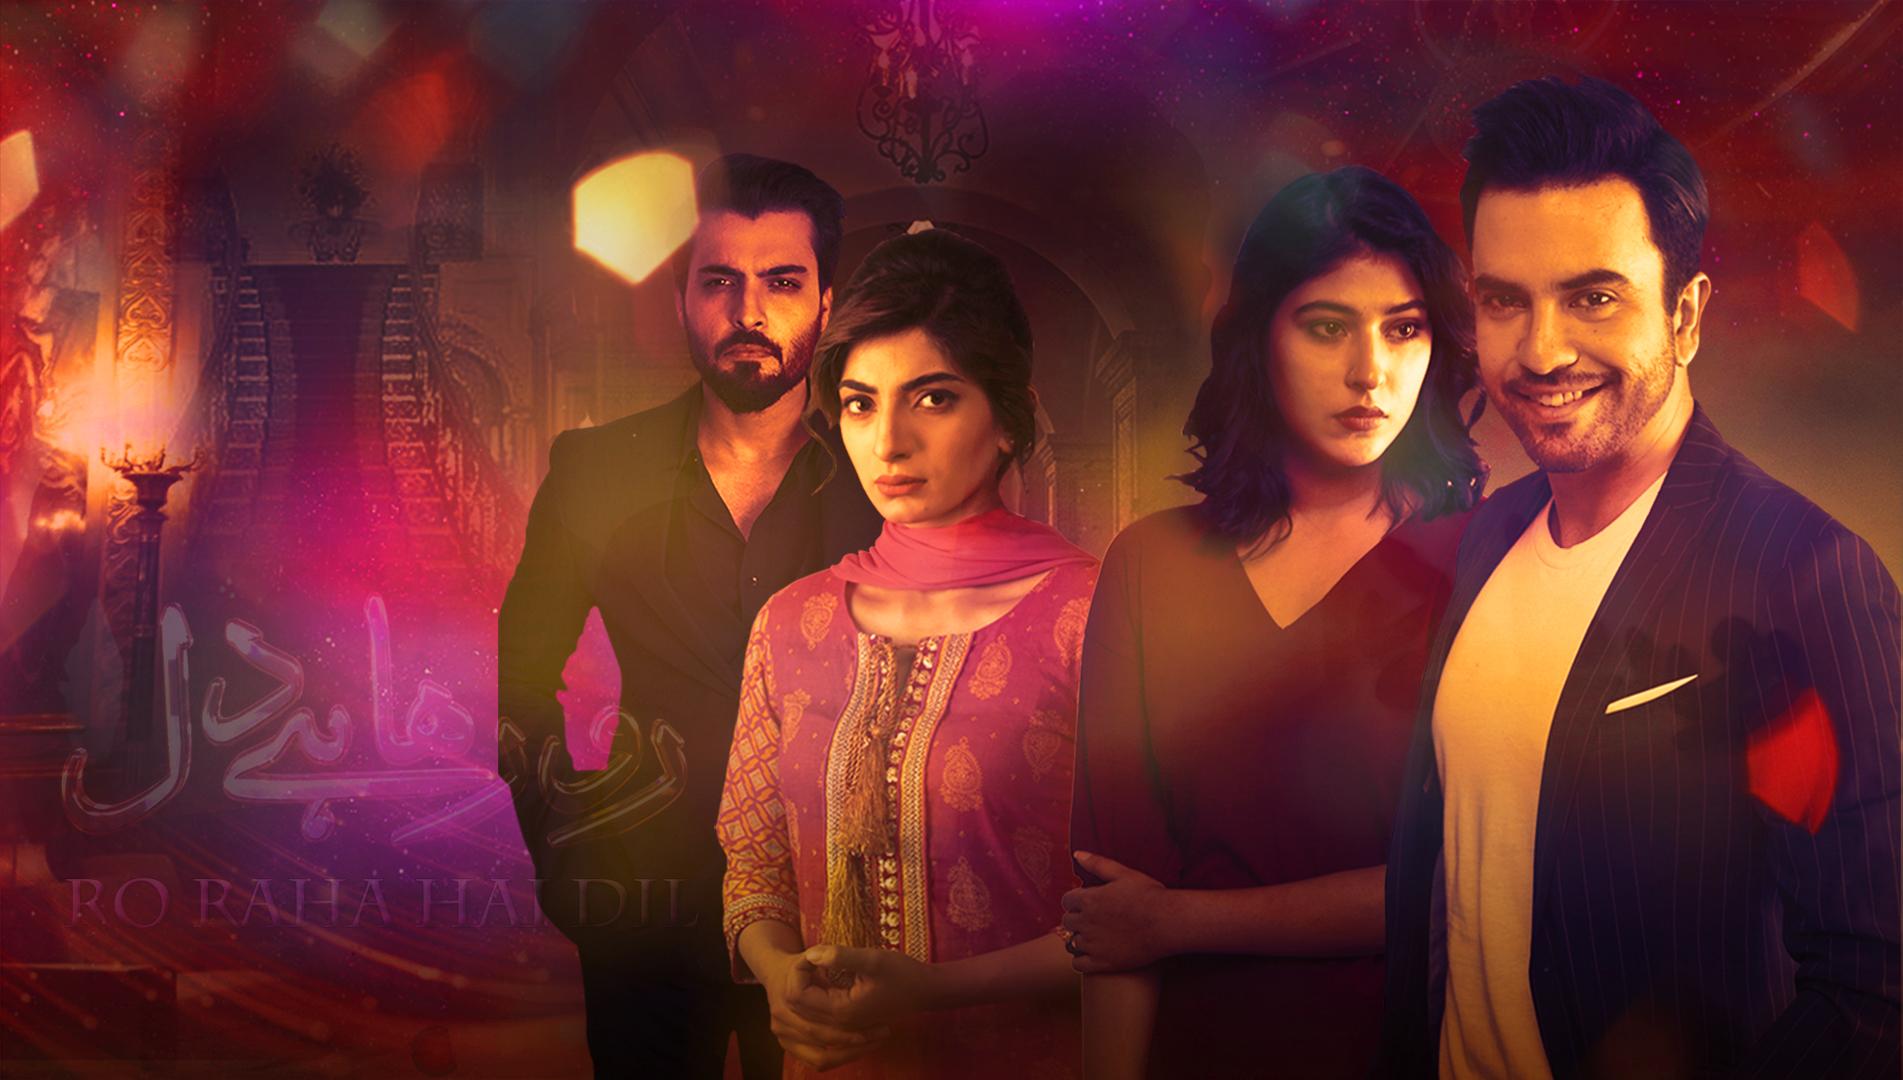 Ro Raha Hai Dil on Amazon Prime Video UK